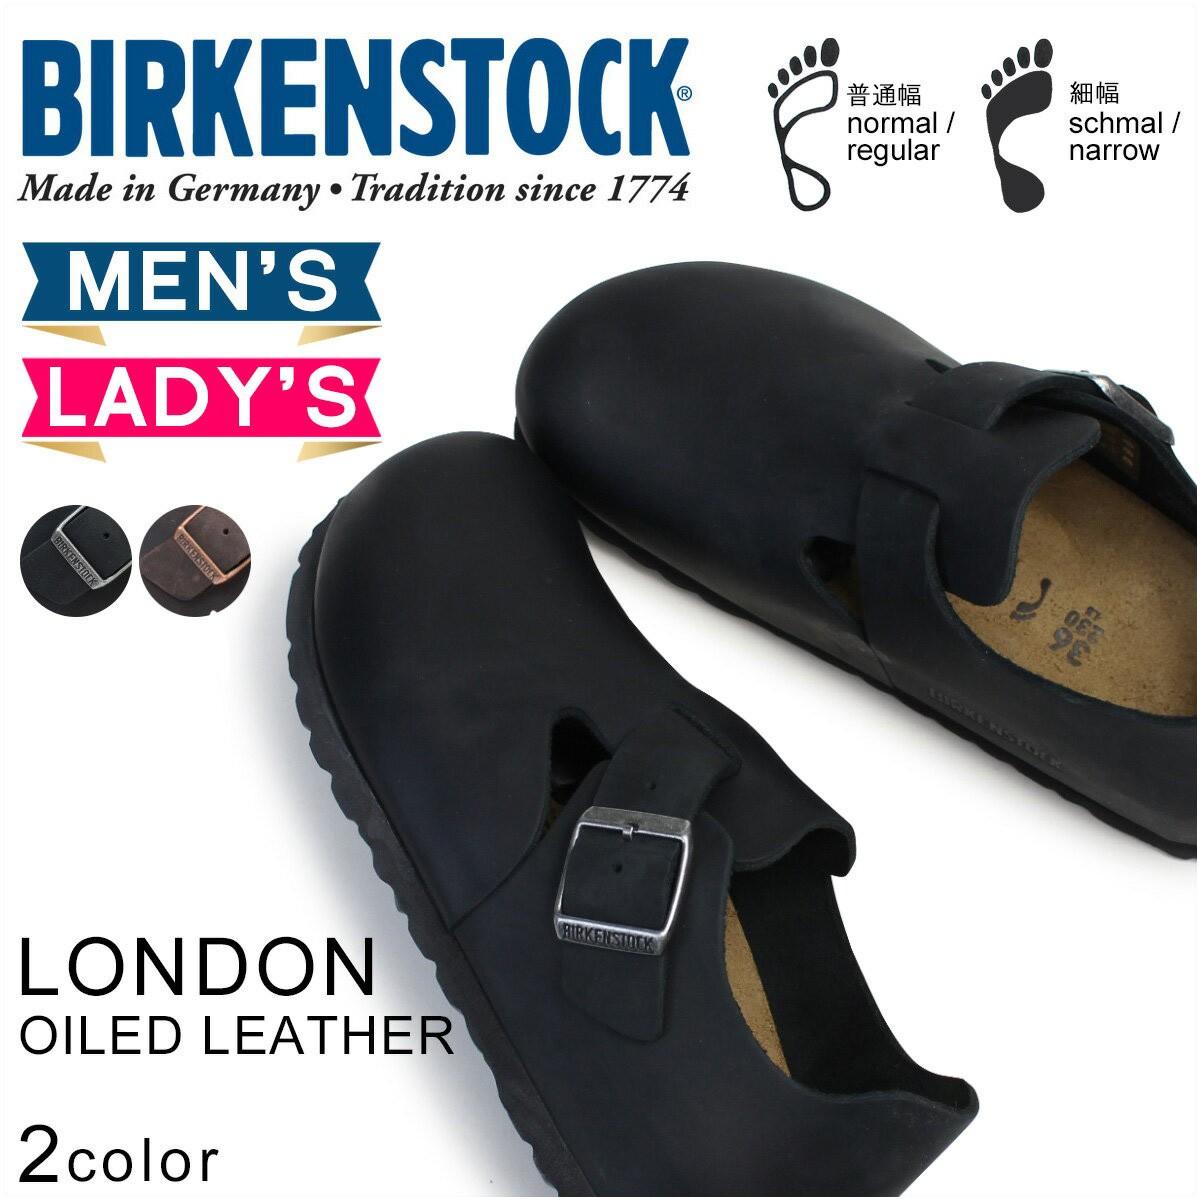 ビルケンシュトック ロンドン メンズ レディース BIRKENSTOCK LONDON ビルケン サンダル スリッポン 普通幅 細幅